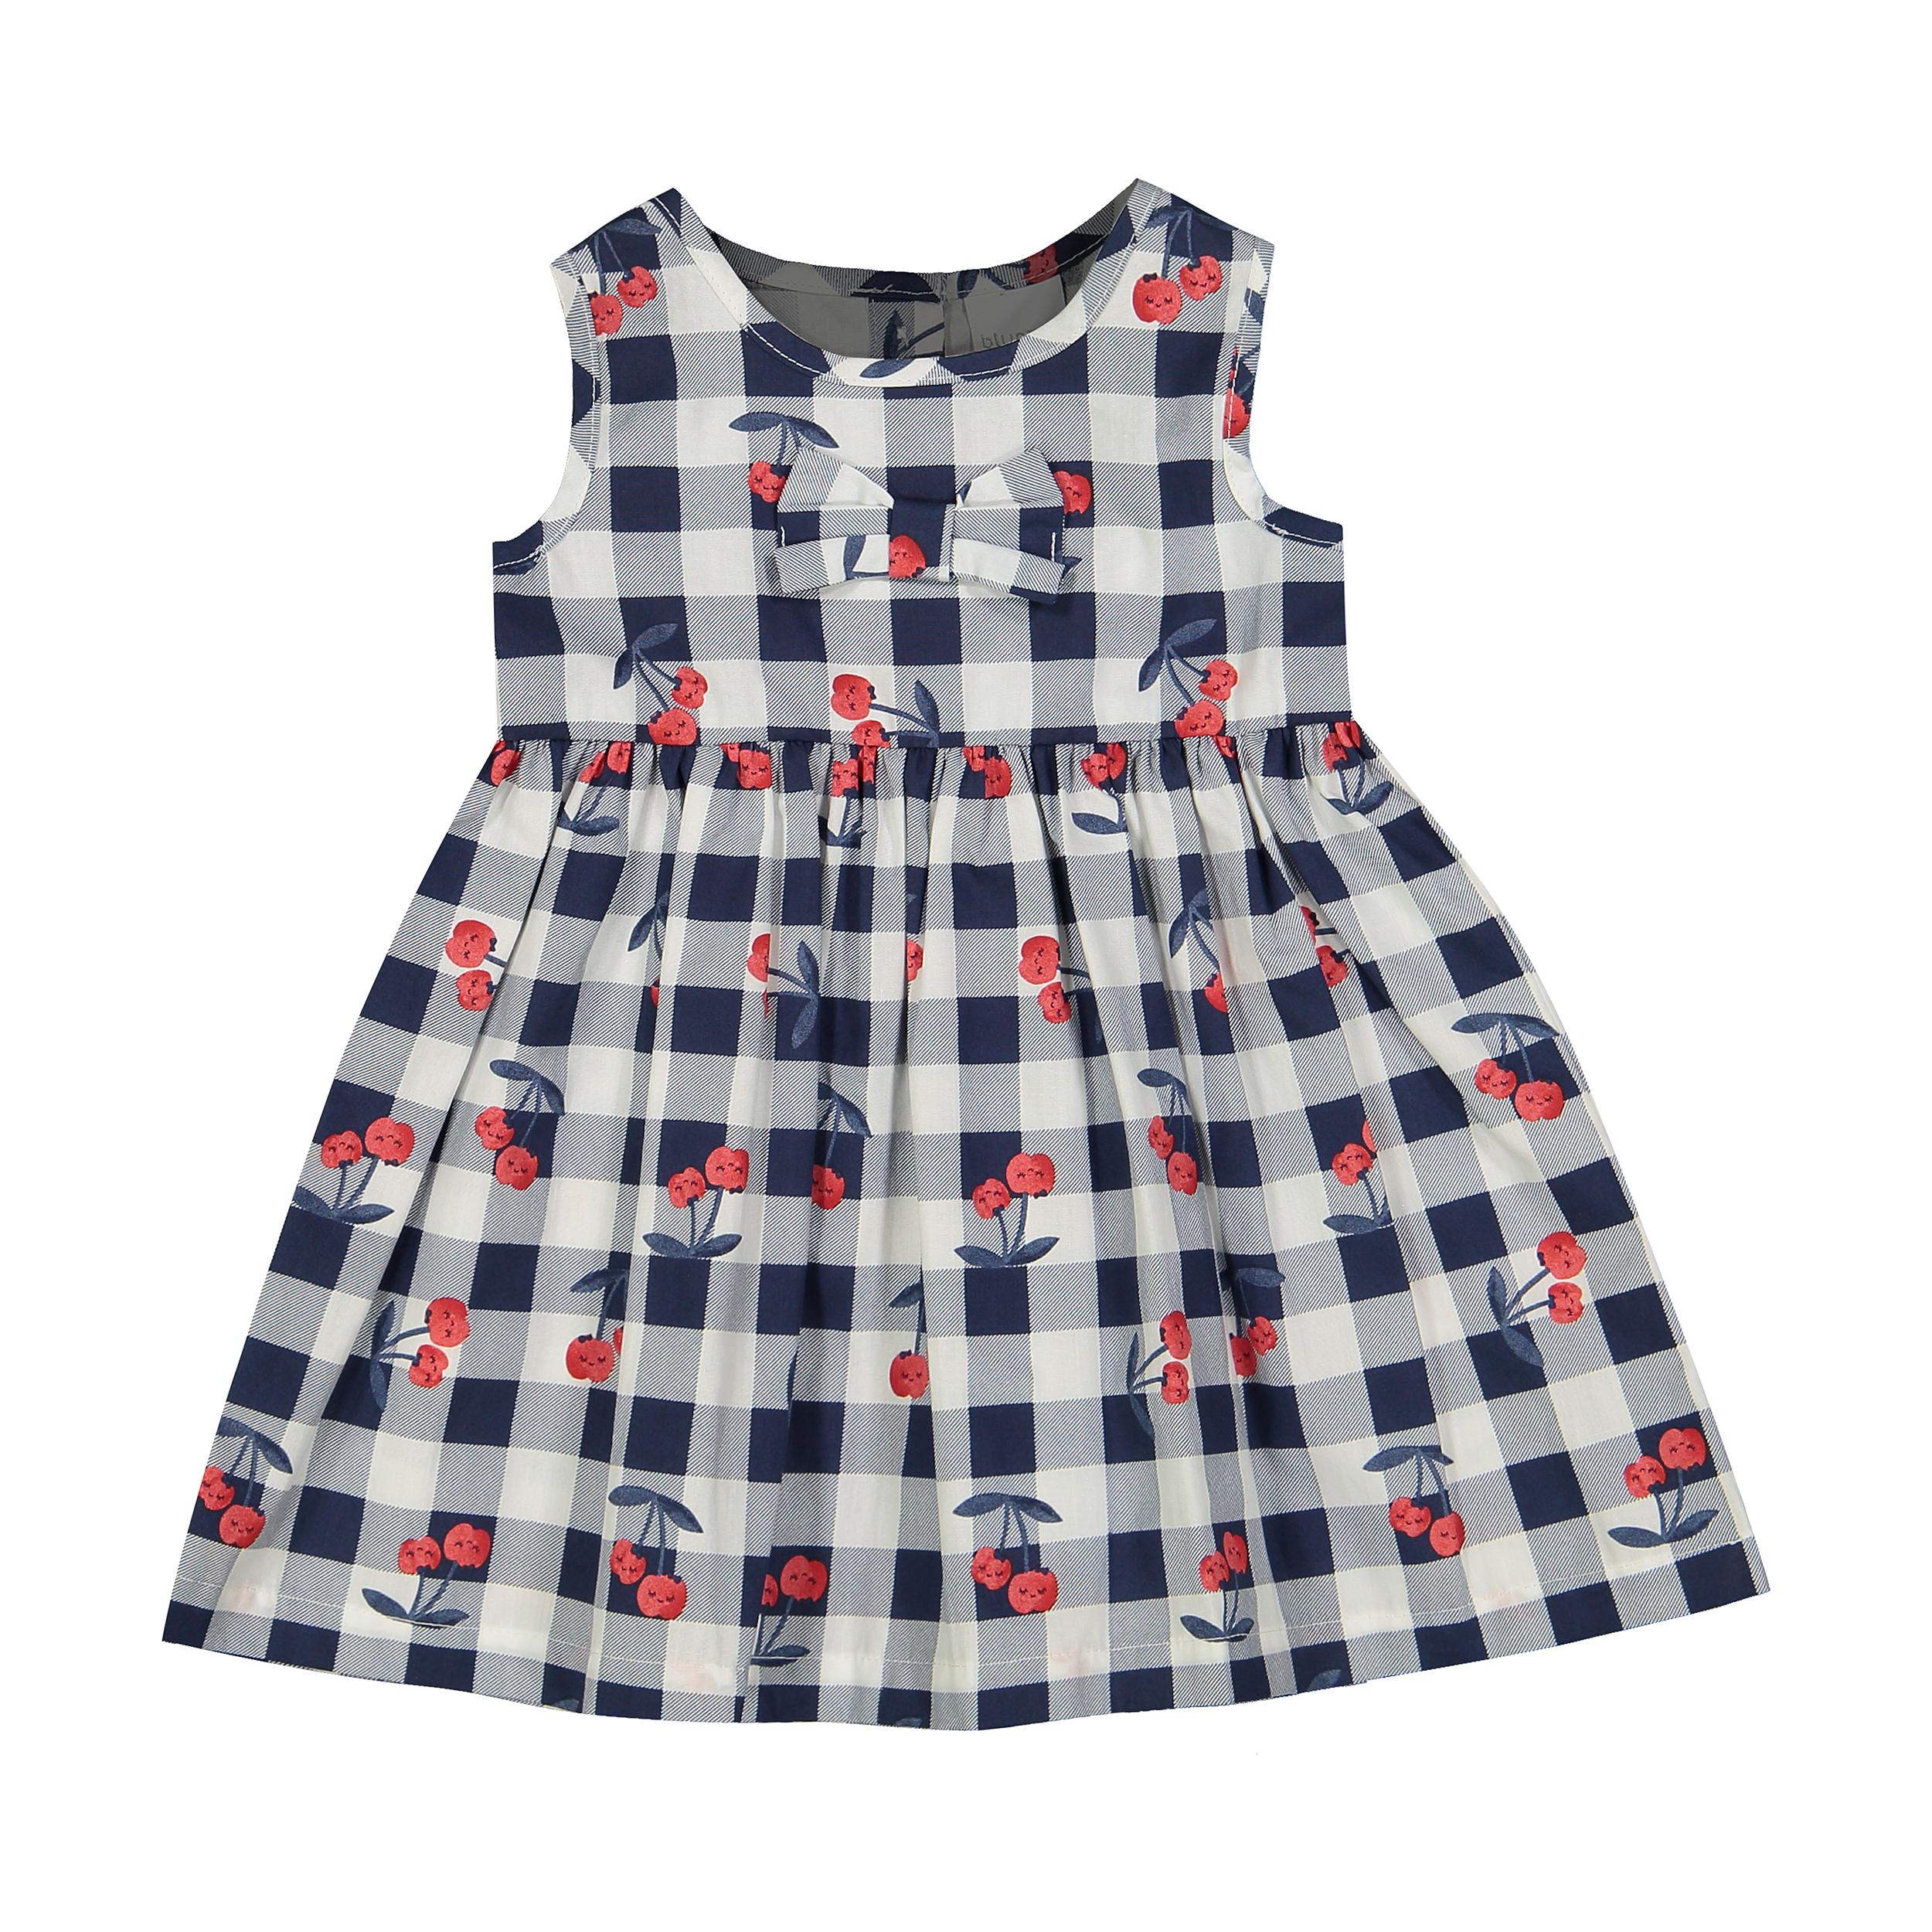 پیراهن نوزادی دخترانه دبنهامز کد 2220202229